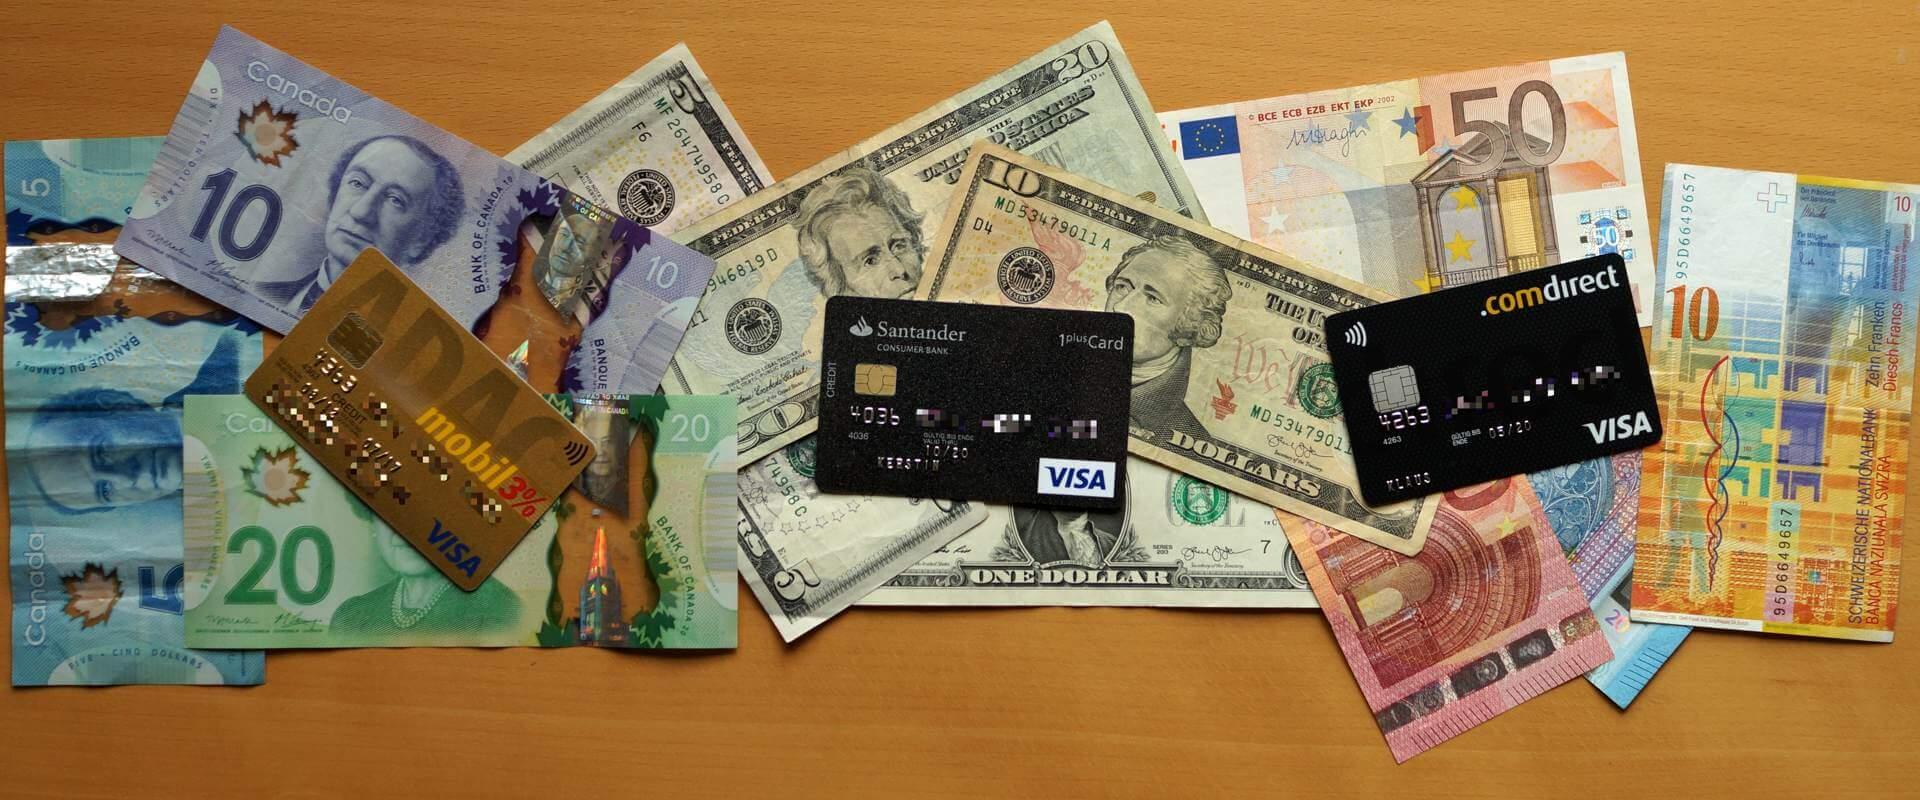 Bargeld oder Kreditkarte? Unsere Tipps zum Bezahlen auf Reisen